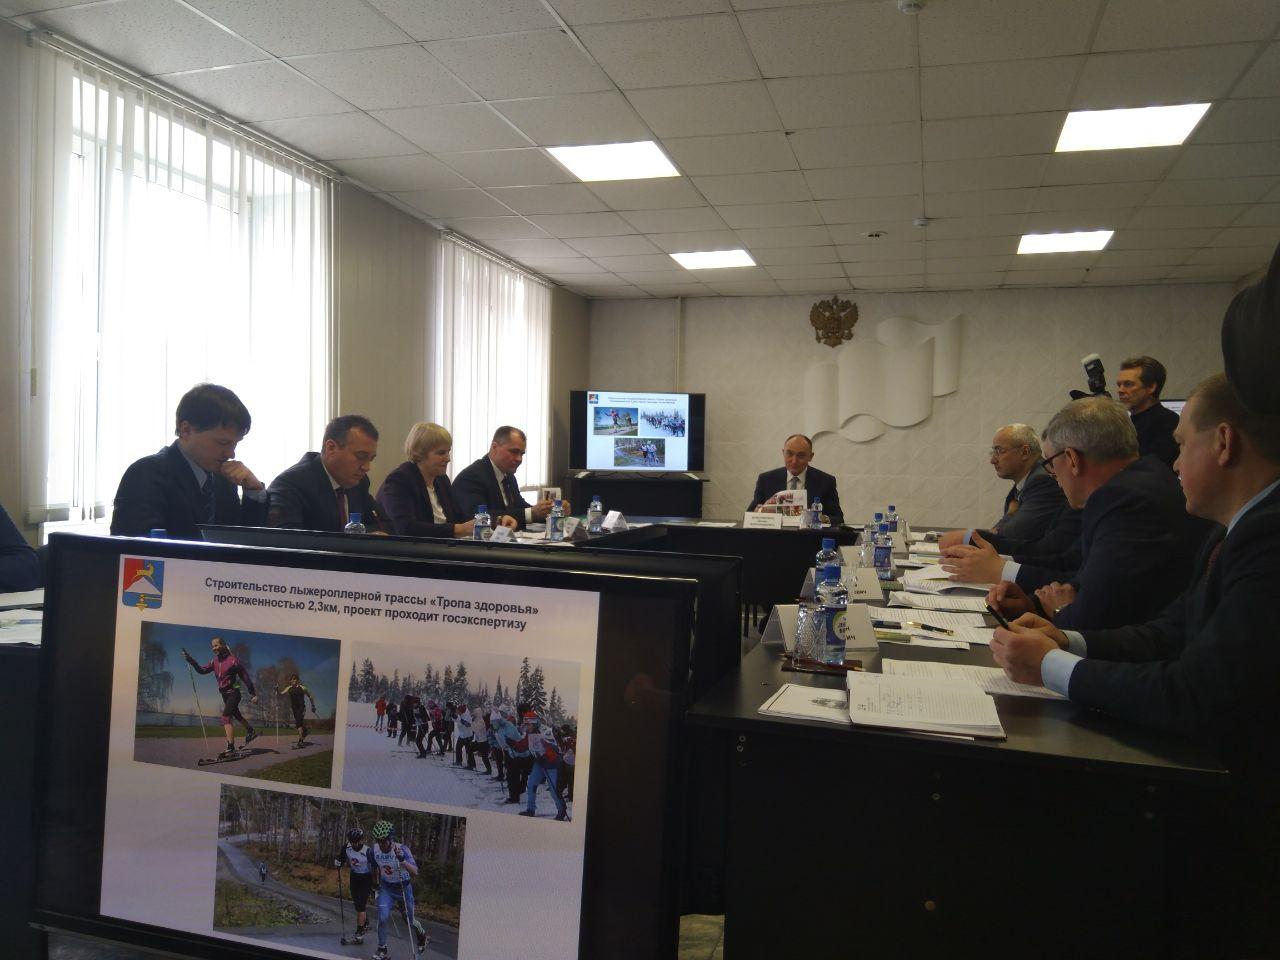 Глава региона намерен оценить перспективы социально-экономического развития города, реализацию ма